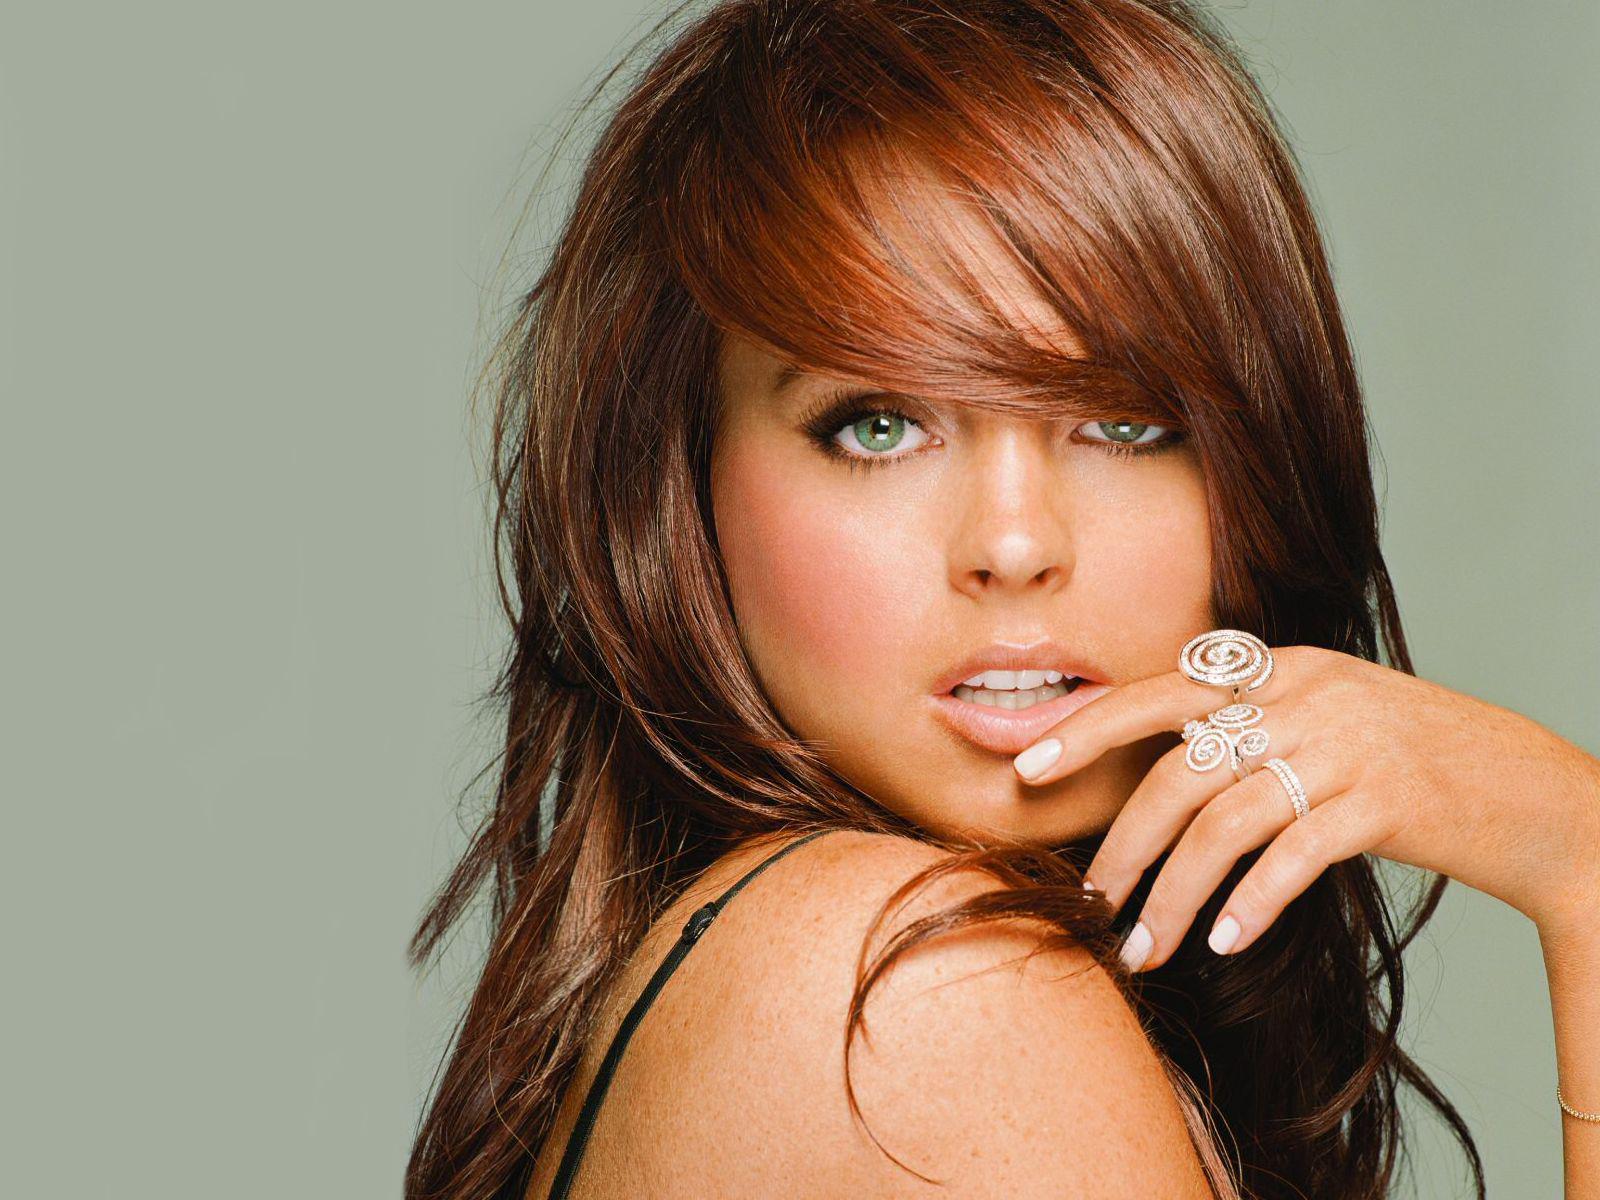 http://2.bp.blogspot.com/-WLtm1iOy6y4/TgcMRZTDnXI/AAAAAAAAAN0/tKYC5GUaLH4/s1600/Lindsay_Lohan.jpg